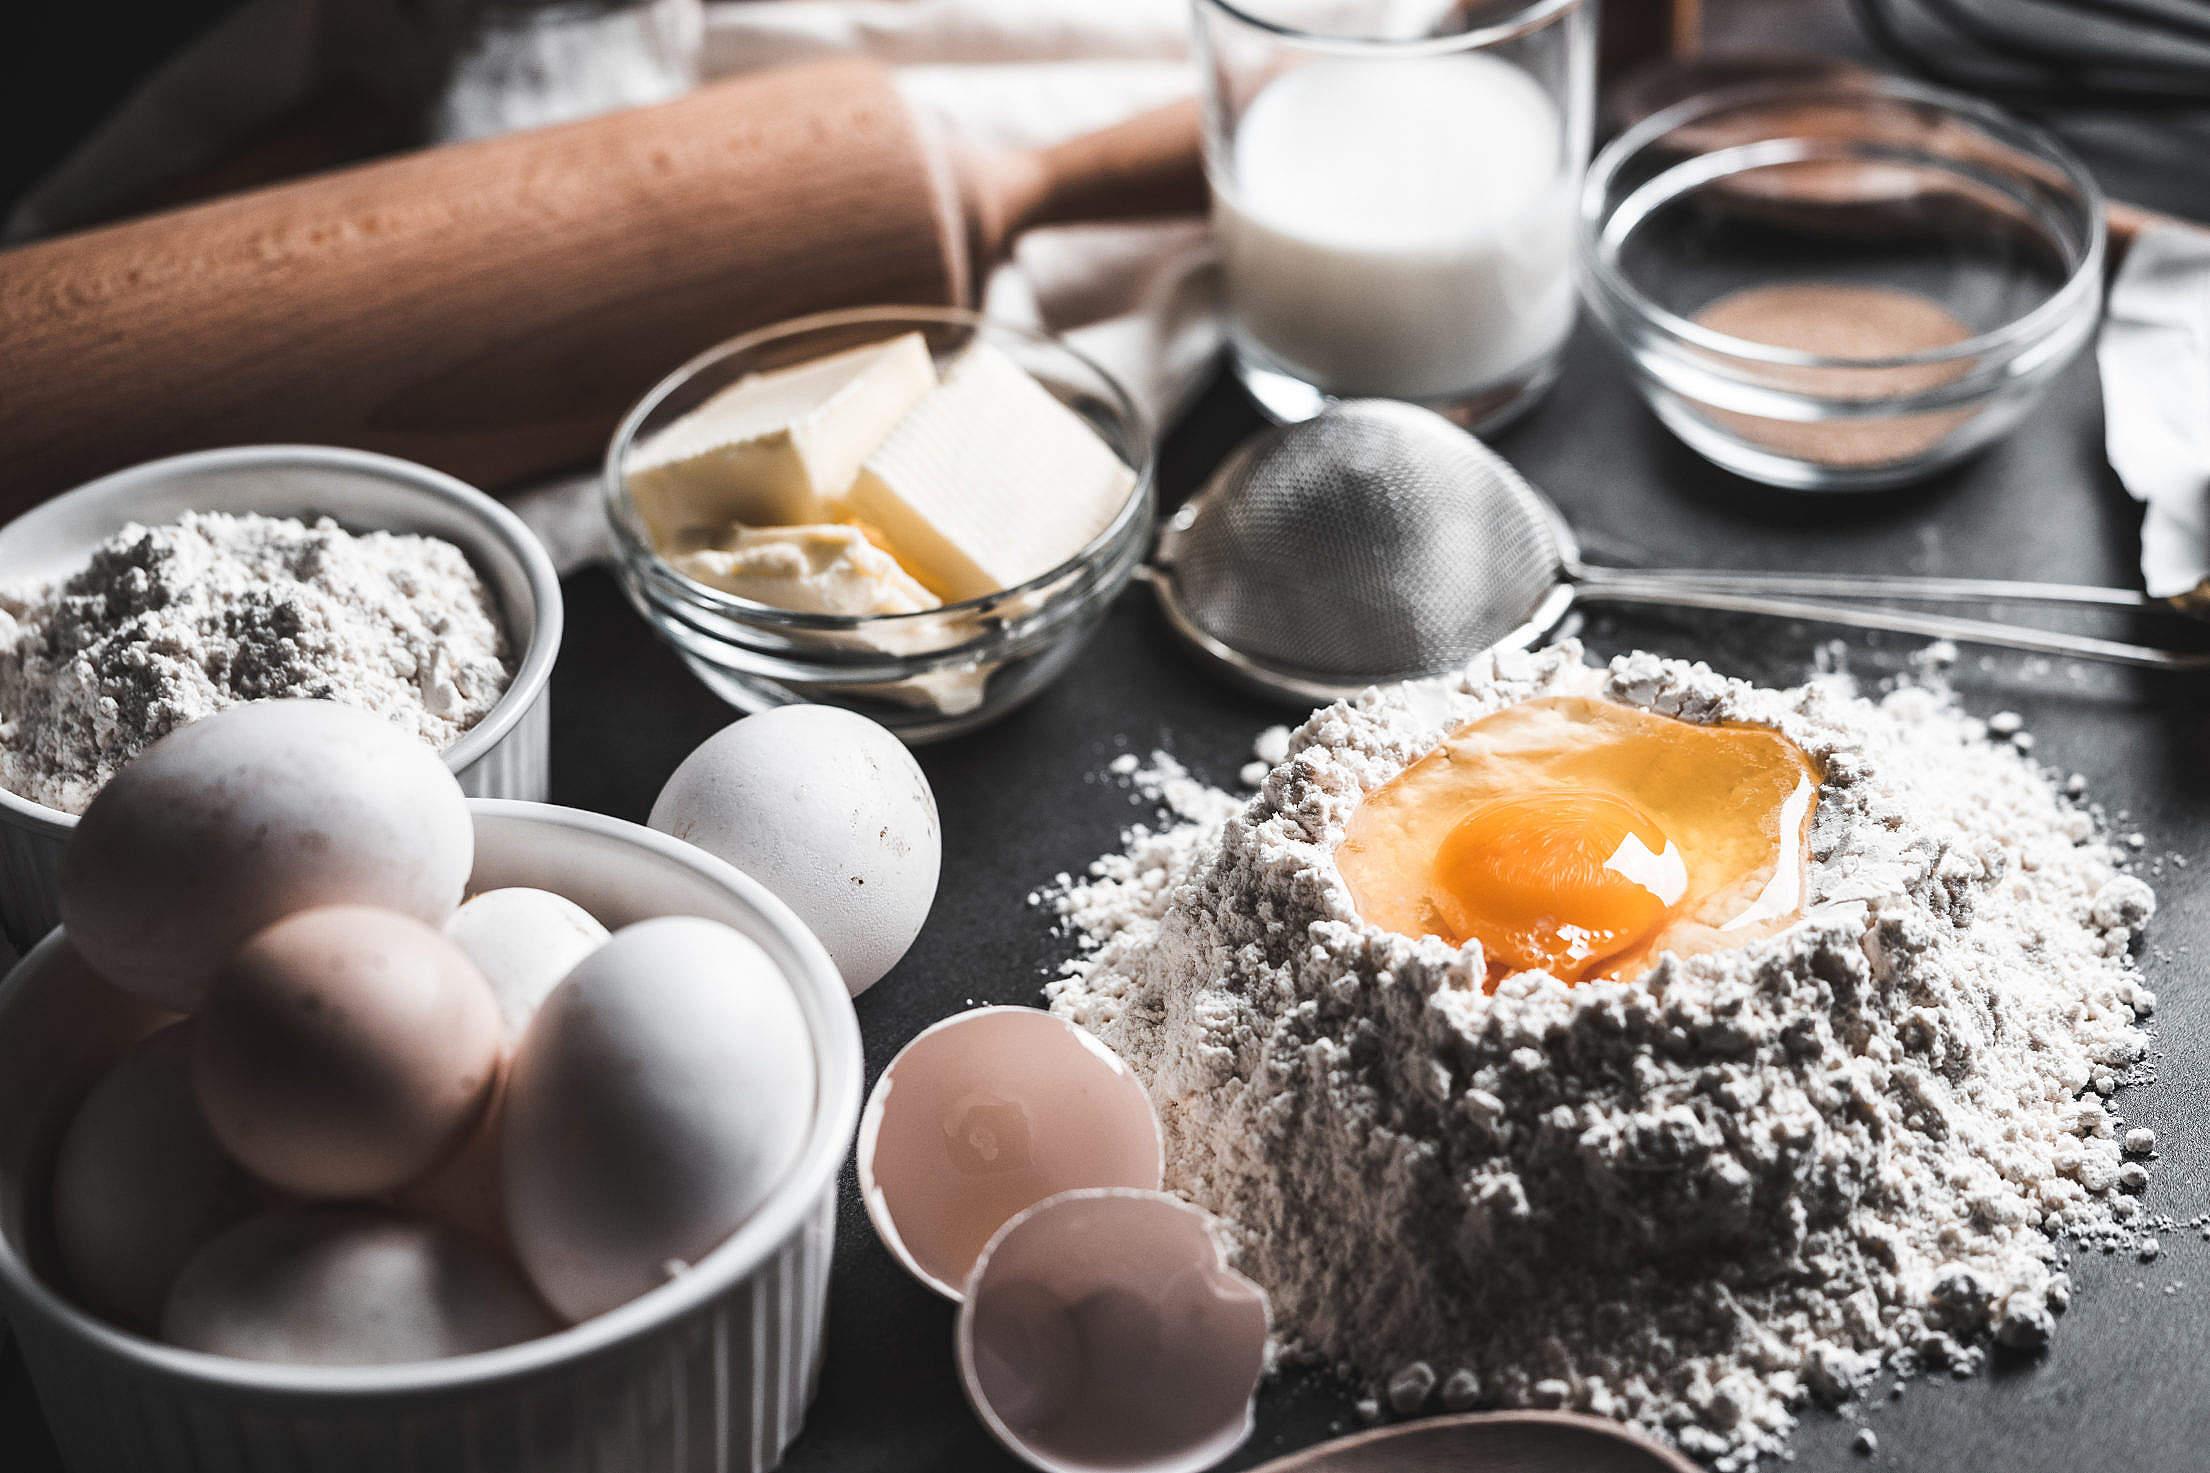 Download Baking Ingredients Free Stock Photo